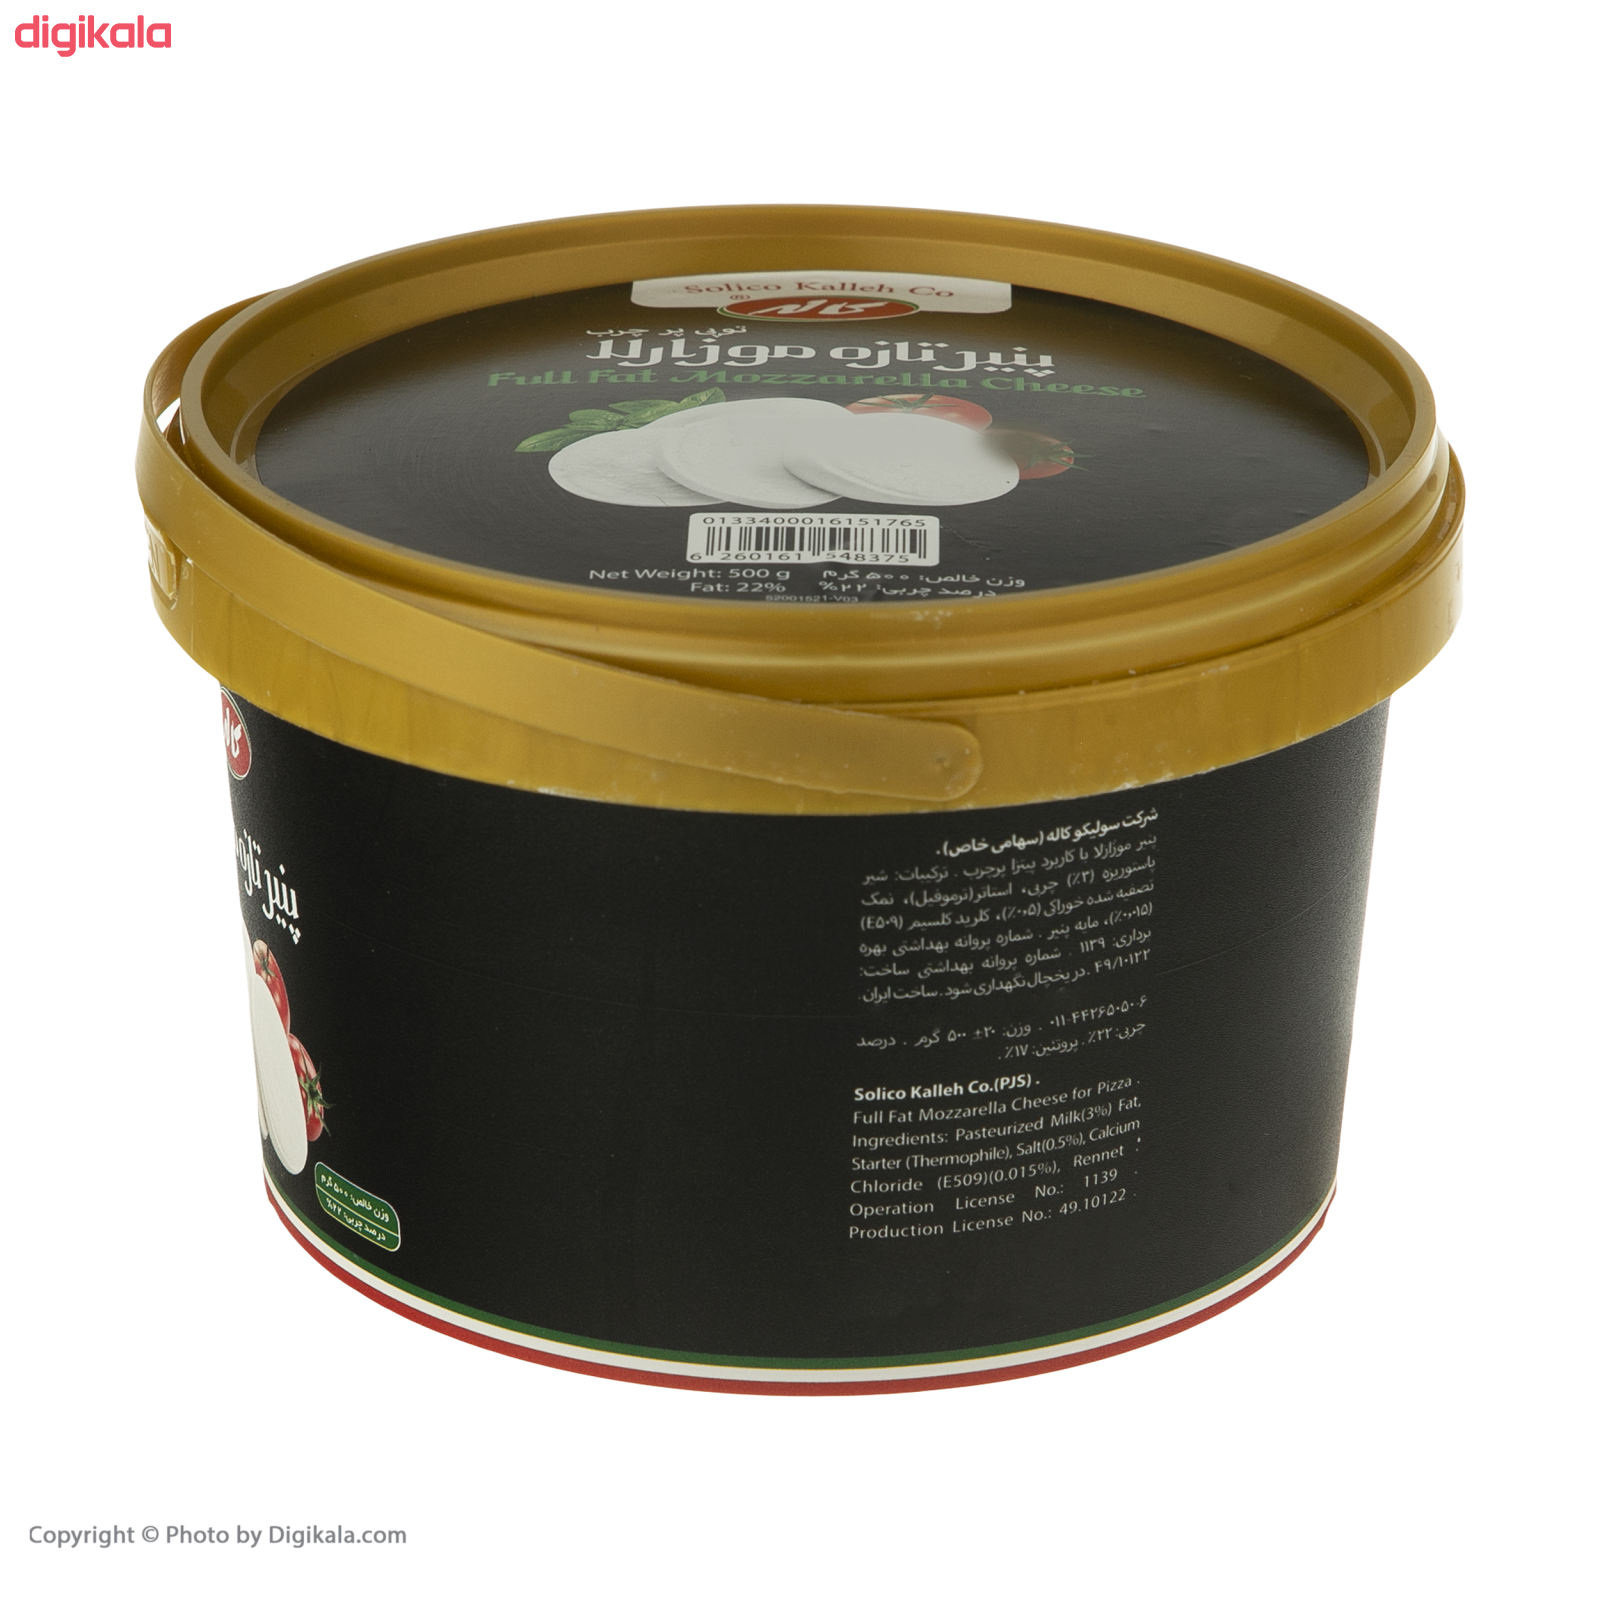 پنیر تازه موزارلا کاله مدل گیلاسی مقدار 500 گرم main 1 5